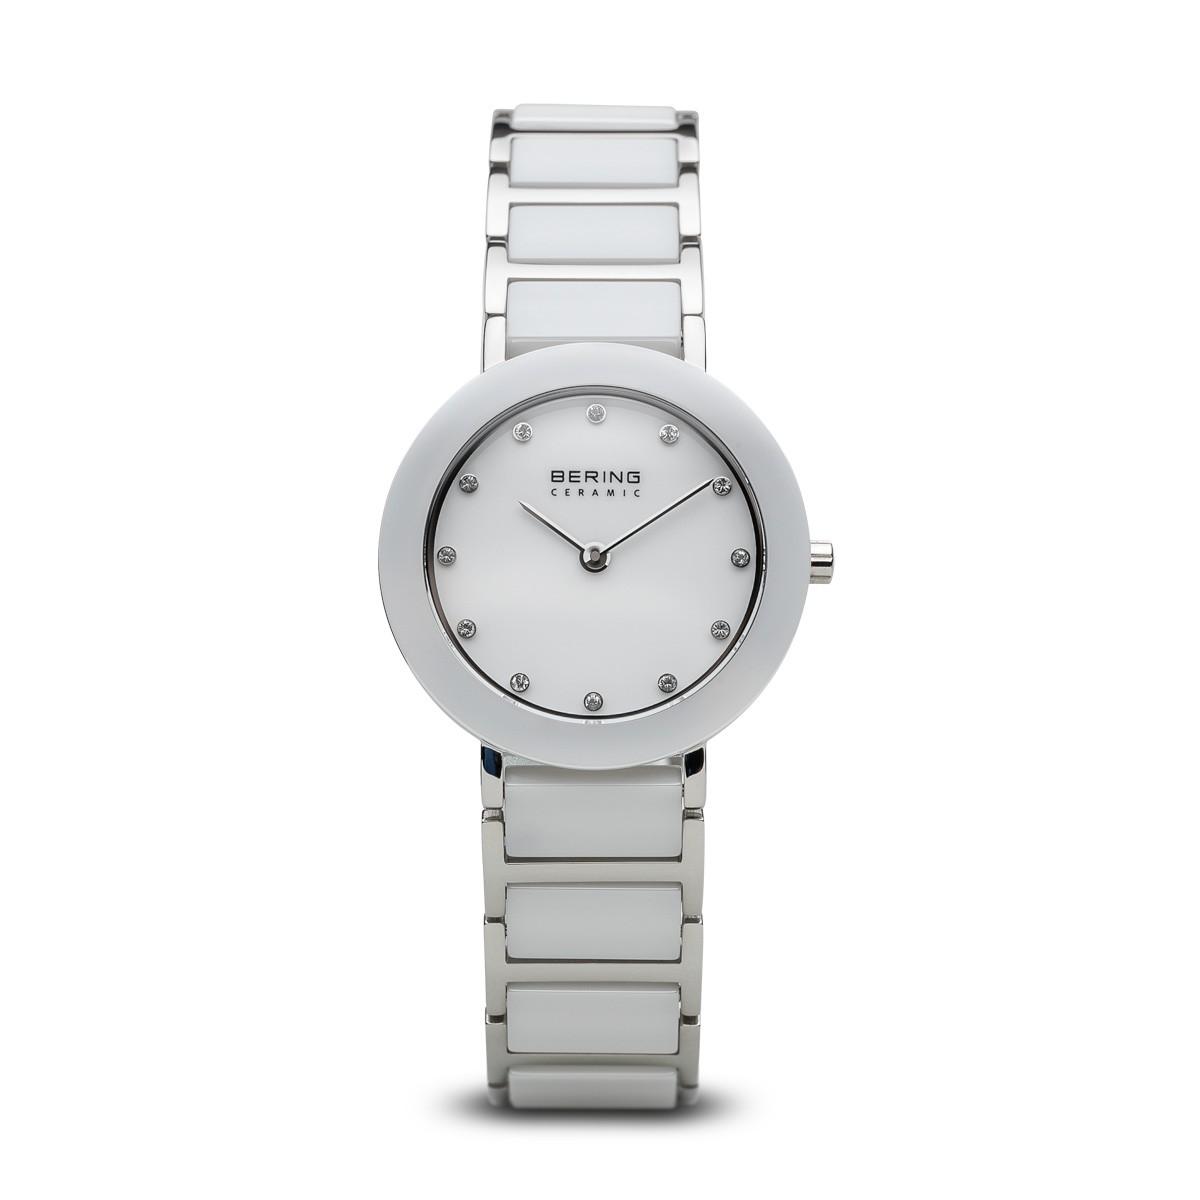 Bering Kerámia fehér acél női óra fehér tokkal - 11429-754 34a1bb13a9